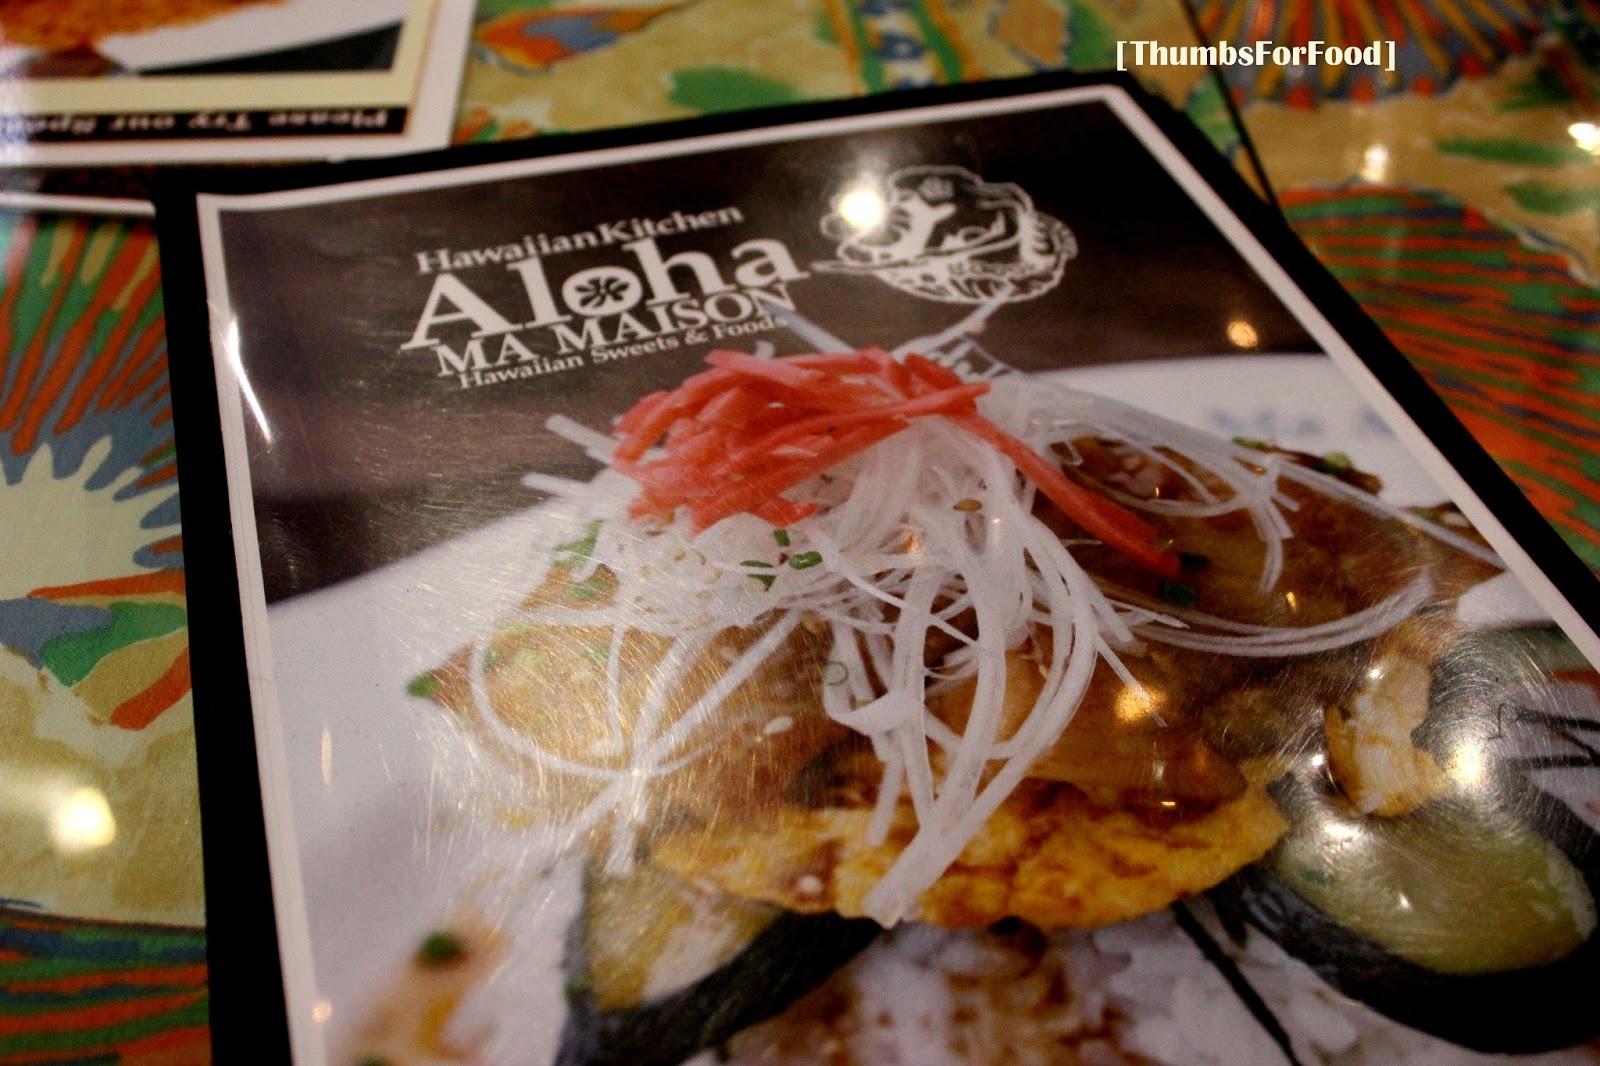 Thumbs for food aloha ma maison bugis thumbsforfood for Aloha ma maison singapore